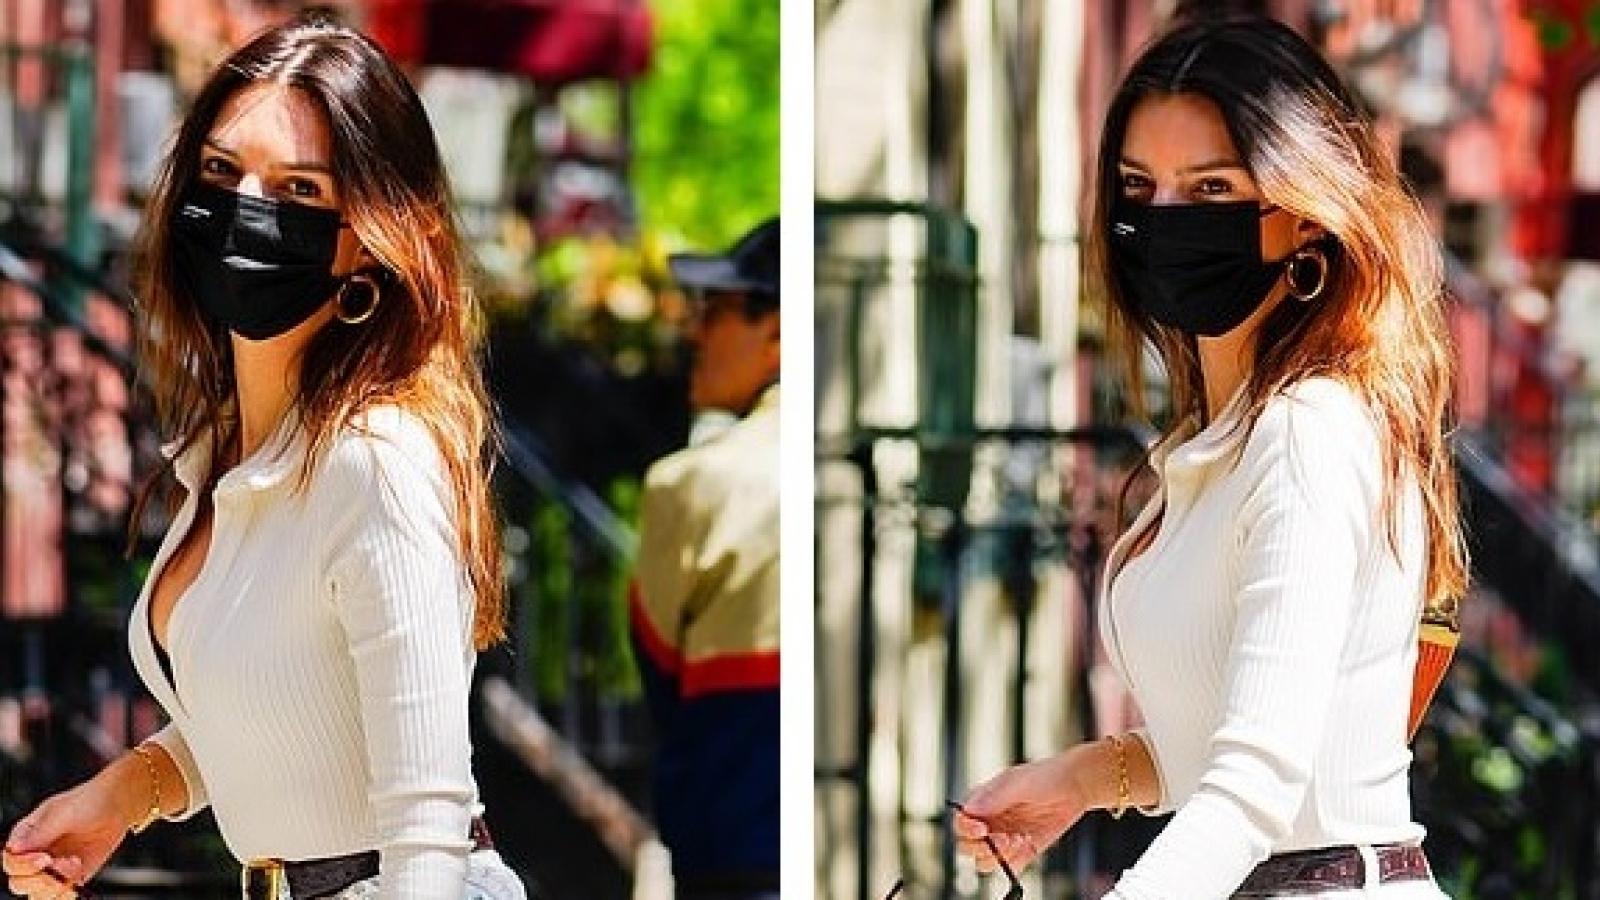 Emily Ratajakowski diện đồ lạ mắt khoe dáng nóng bỏng trên đường phố New York